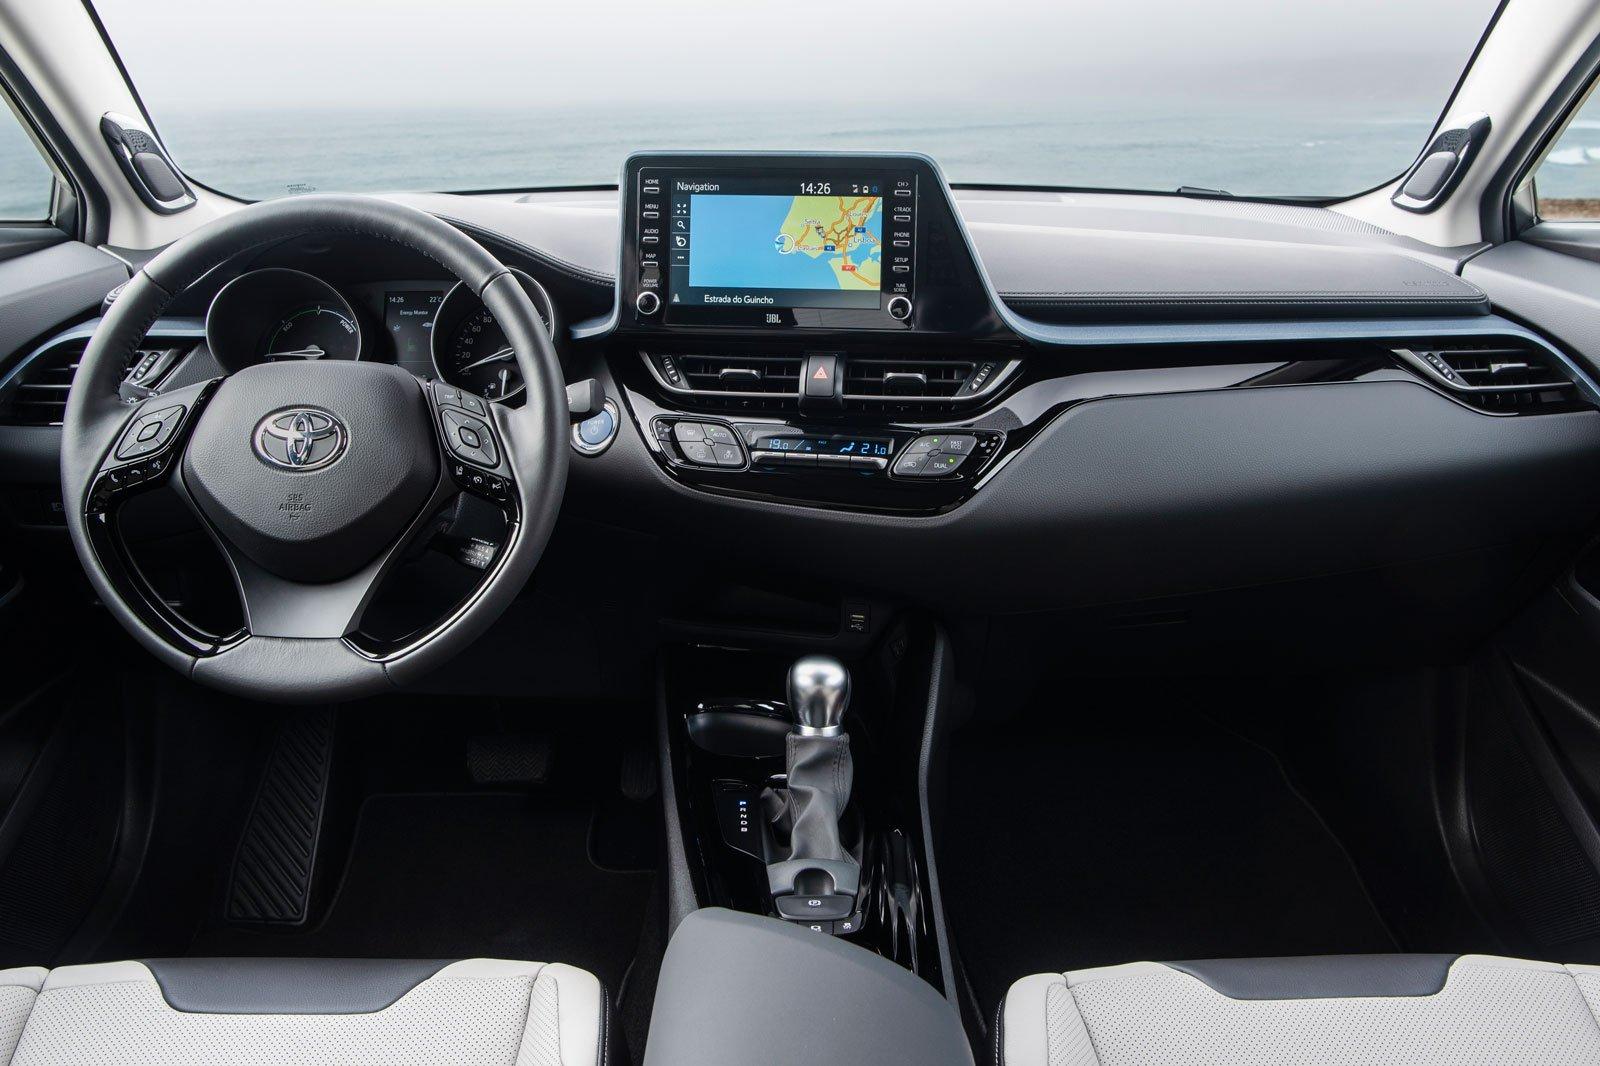 2020 toyota c-hr interior dashboard